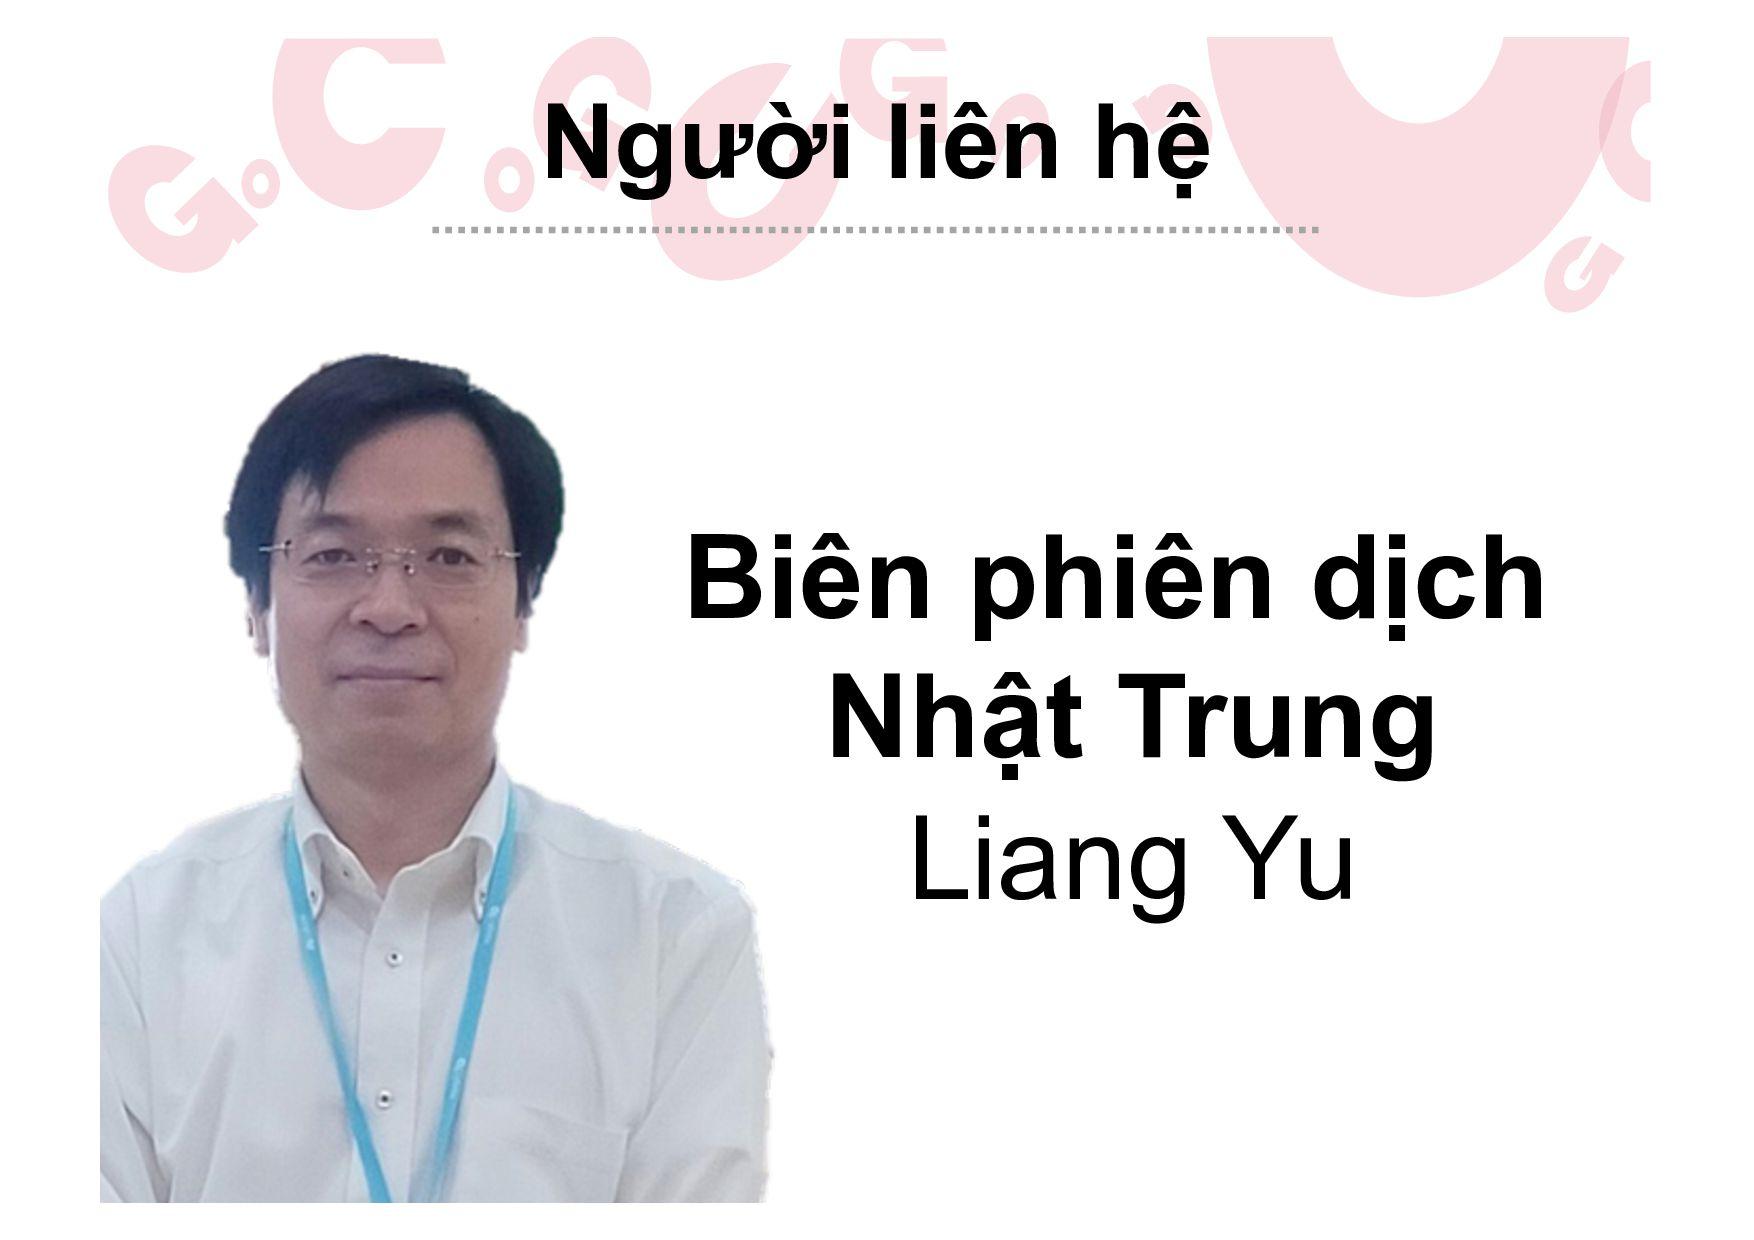 Người liên hệ Biên phiên dịch Nhật Trung Chong ...